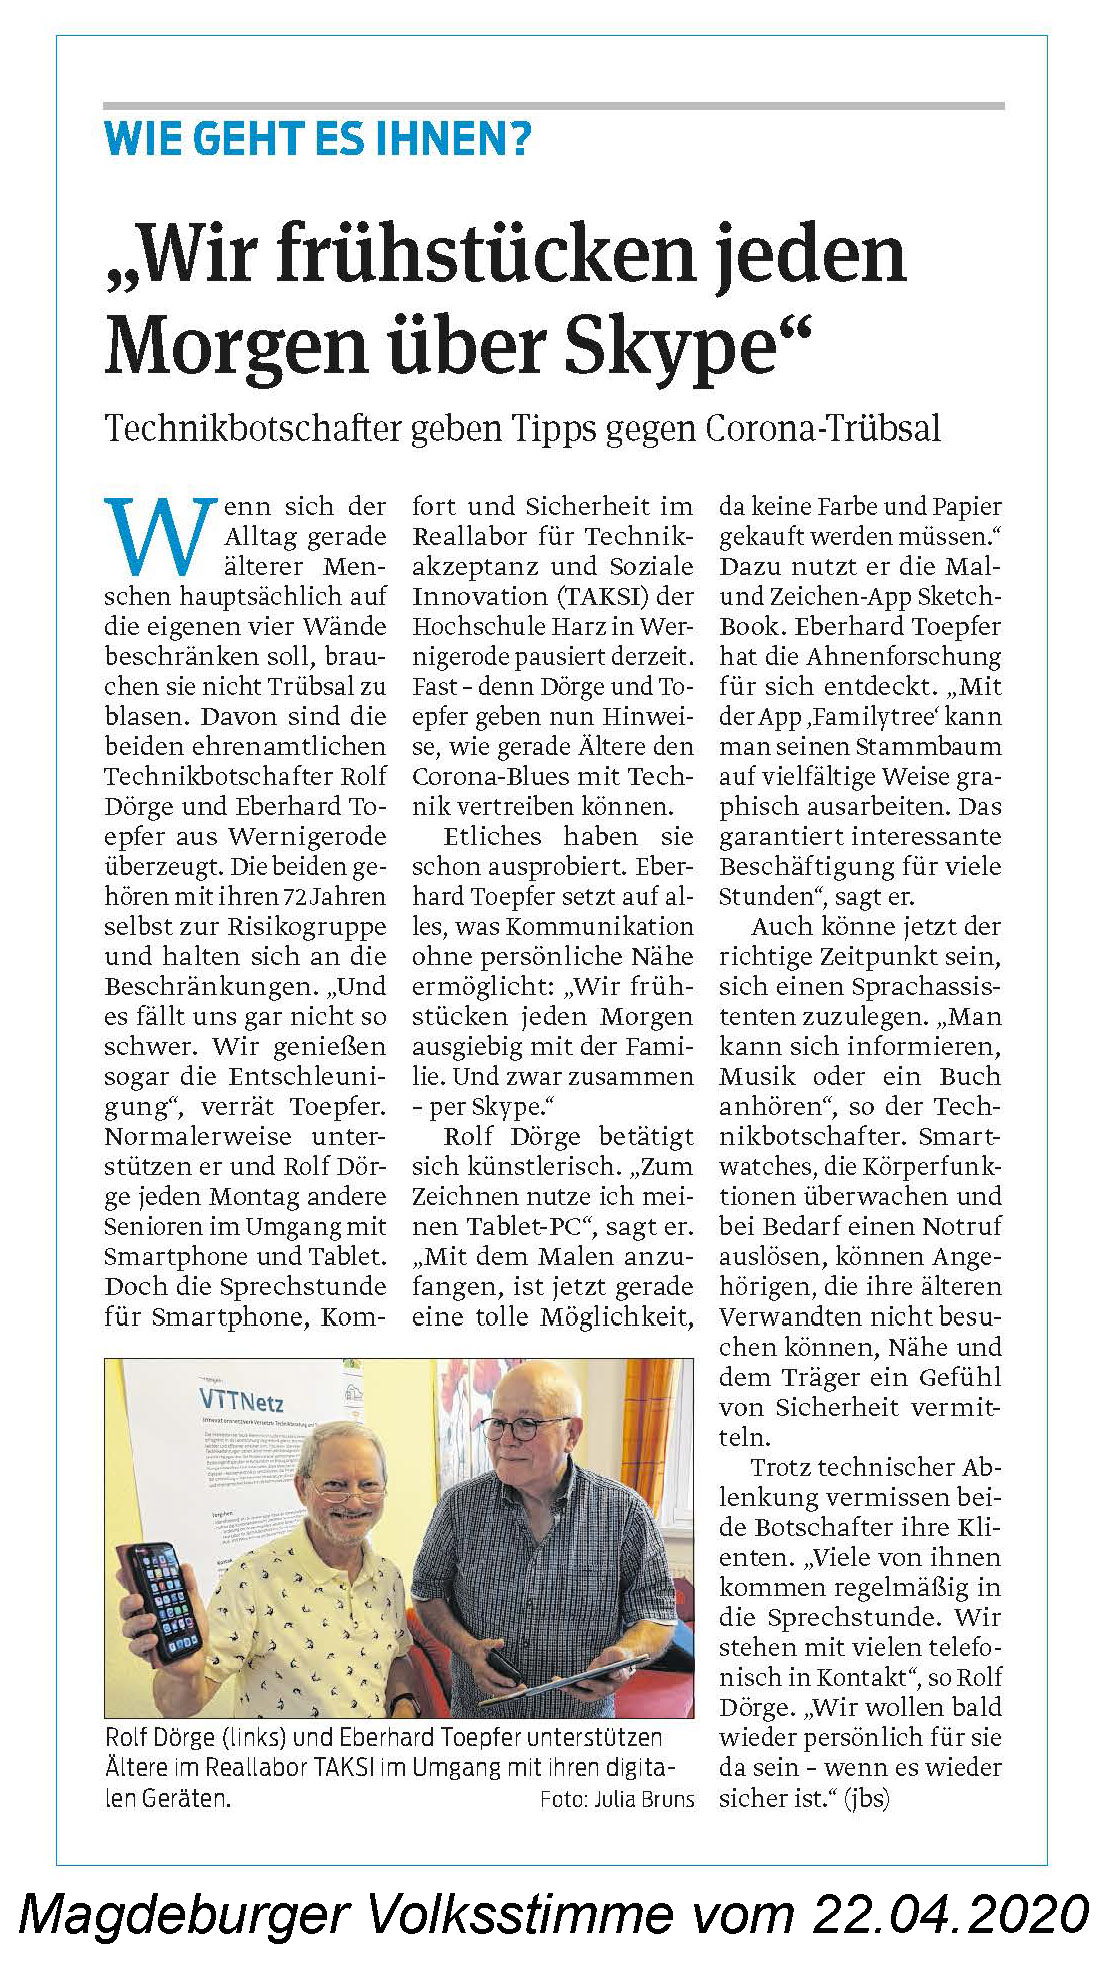 Magdeburger Volksstimme vom 22.04.2020